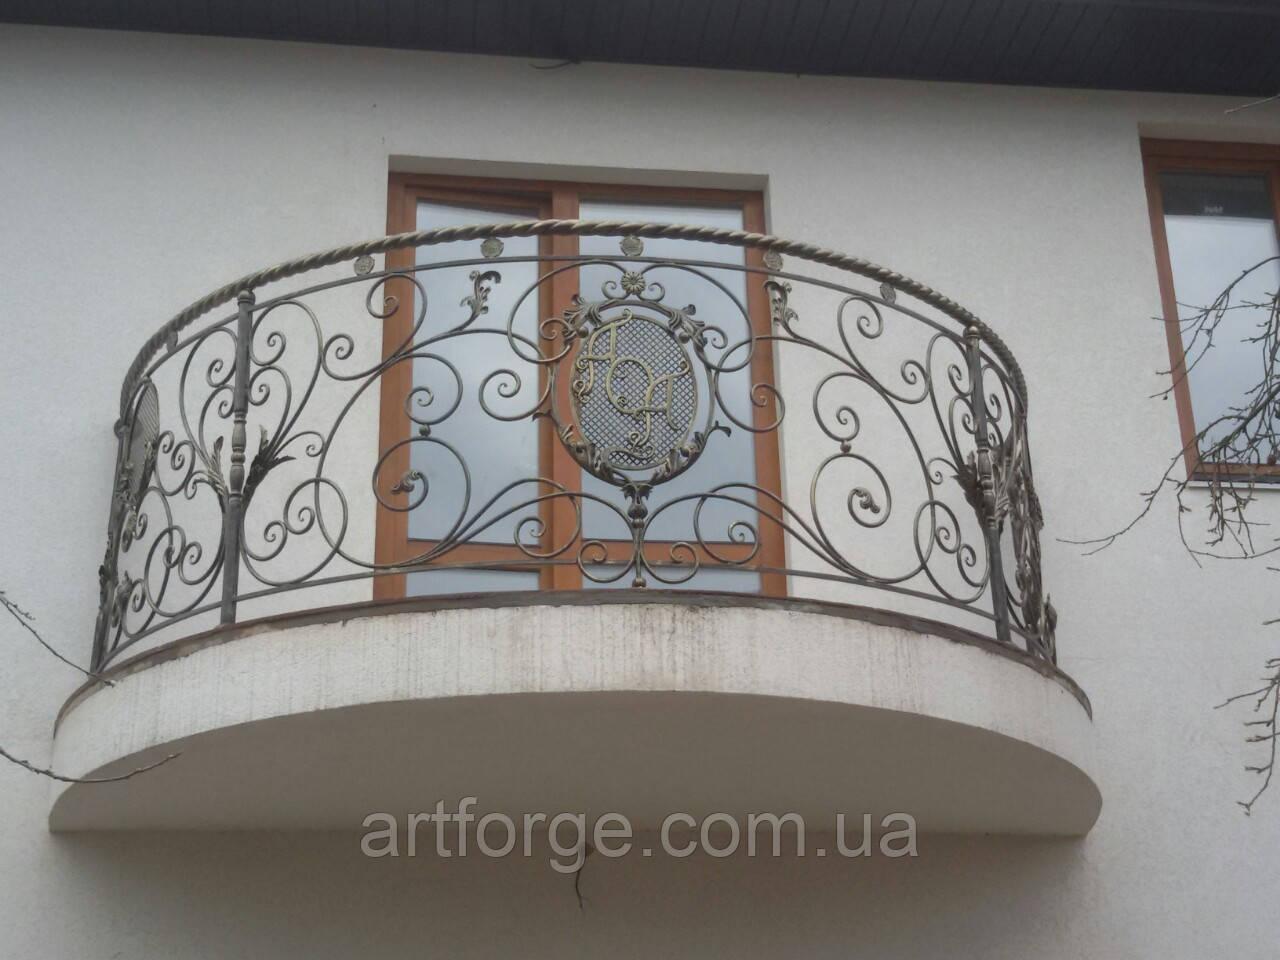 Кованый балкон. Ограждение балкона.